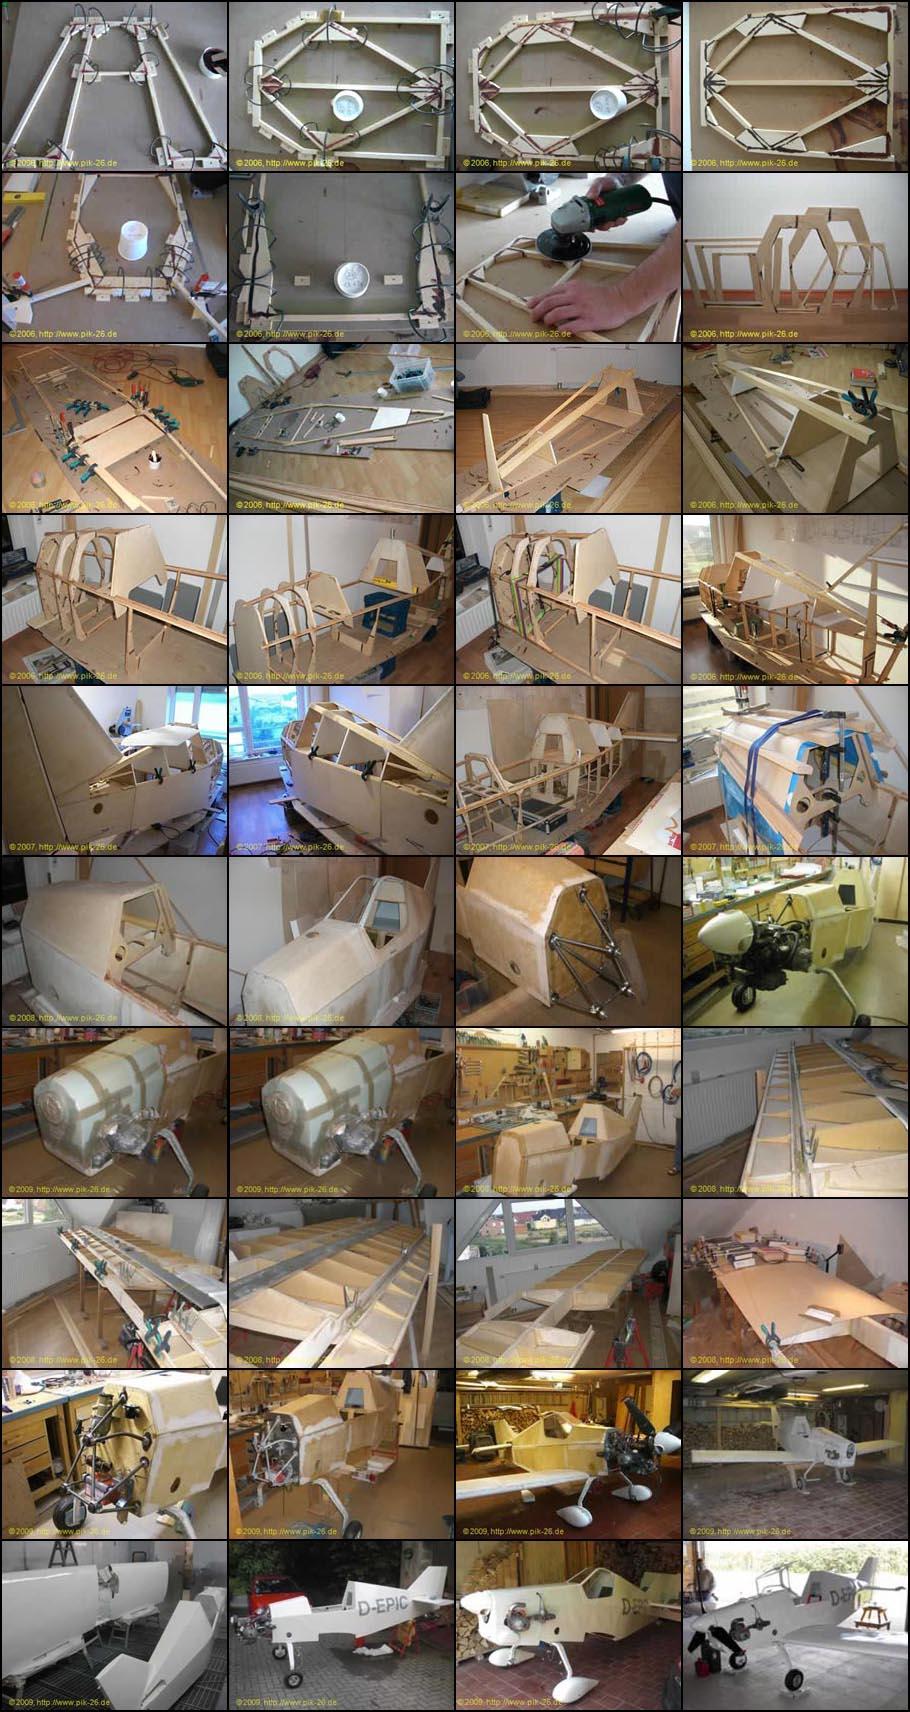 Caracteristicas, Fotos, Videos y Descarga de Planos 0b50b2f37f3f1732857eb49ec5f426a6o